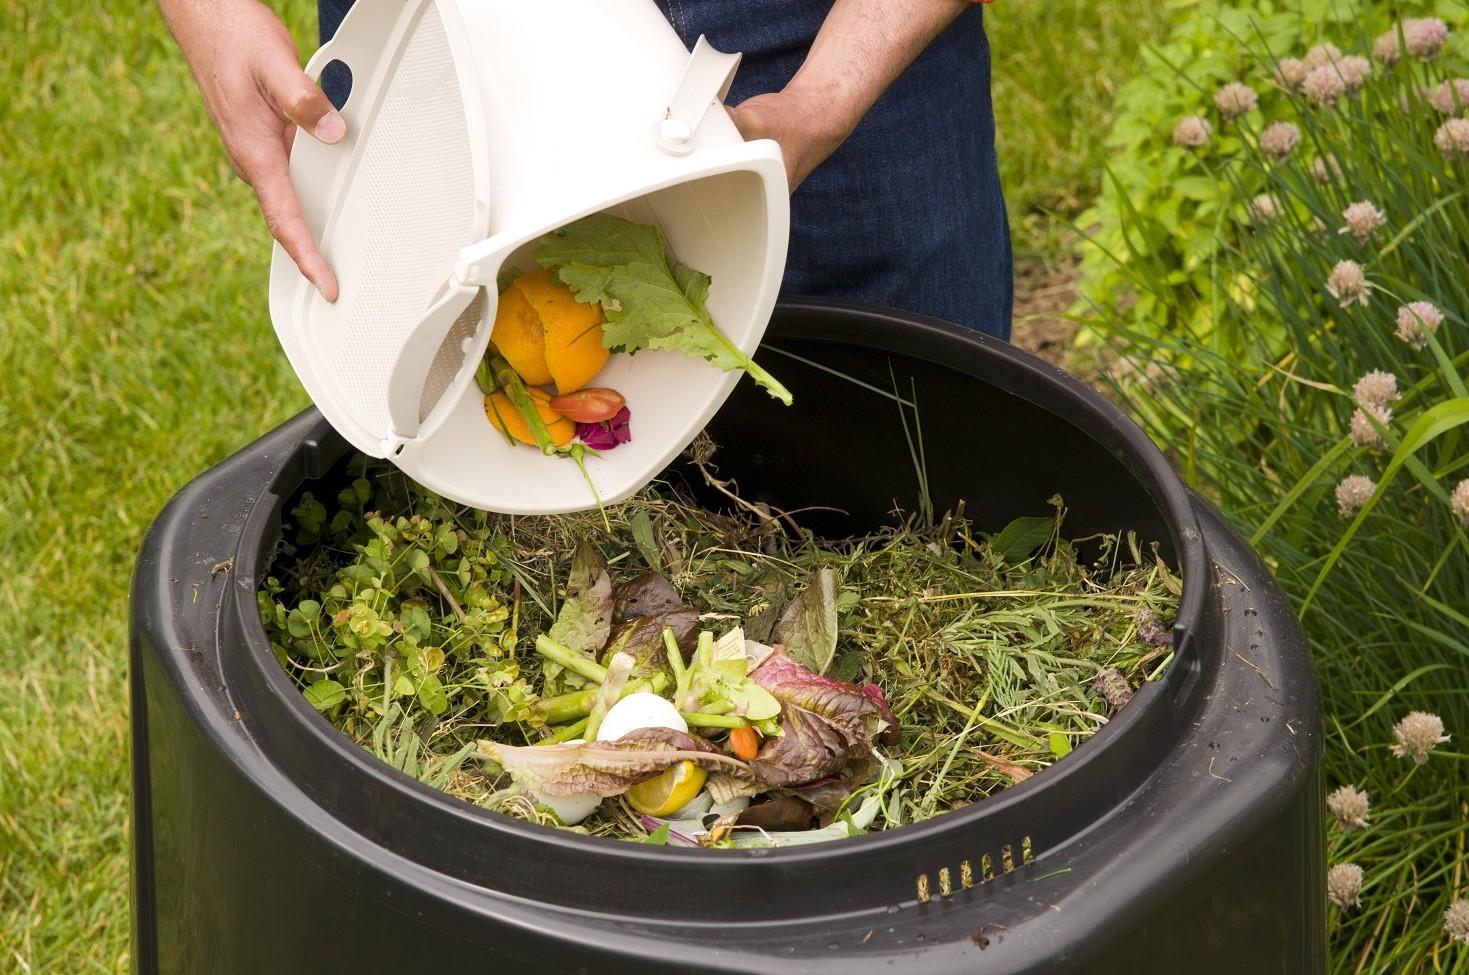 Guida al compostaggio domestico: istruzioni e consigli